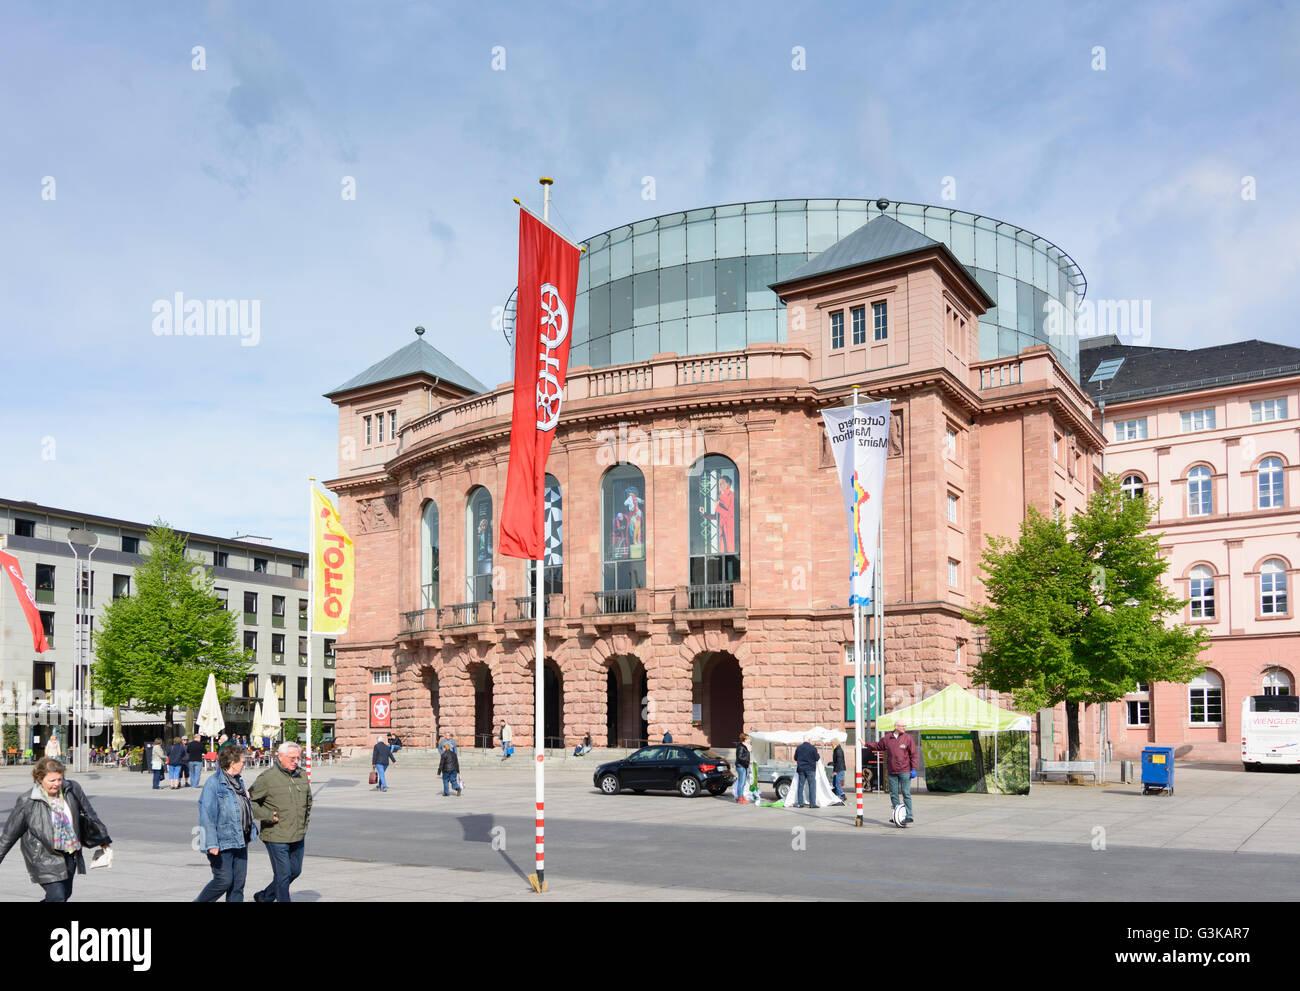 Theatre, Germany, Rheinland-Pfalz, Rhineland-Palatinate, , Mainz - Stock Image